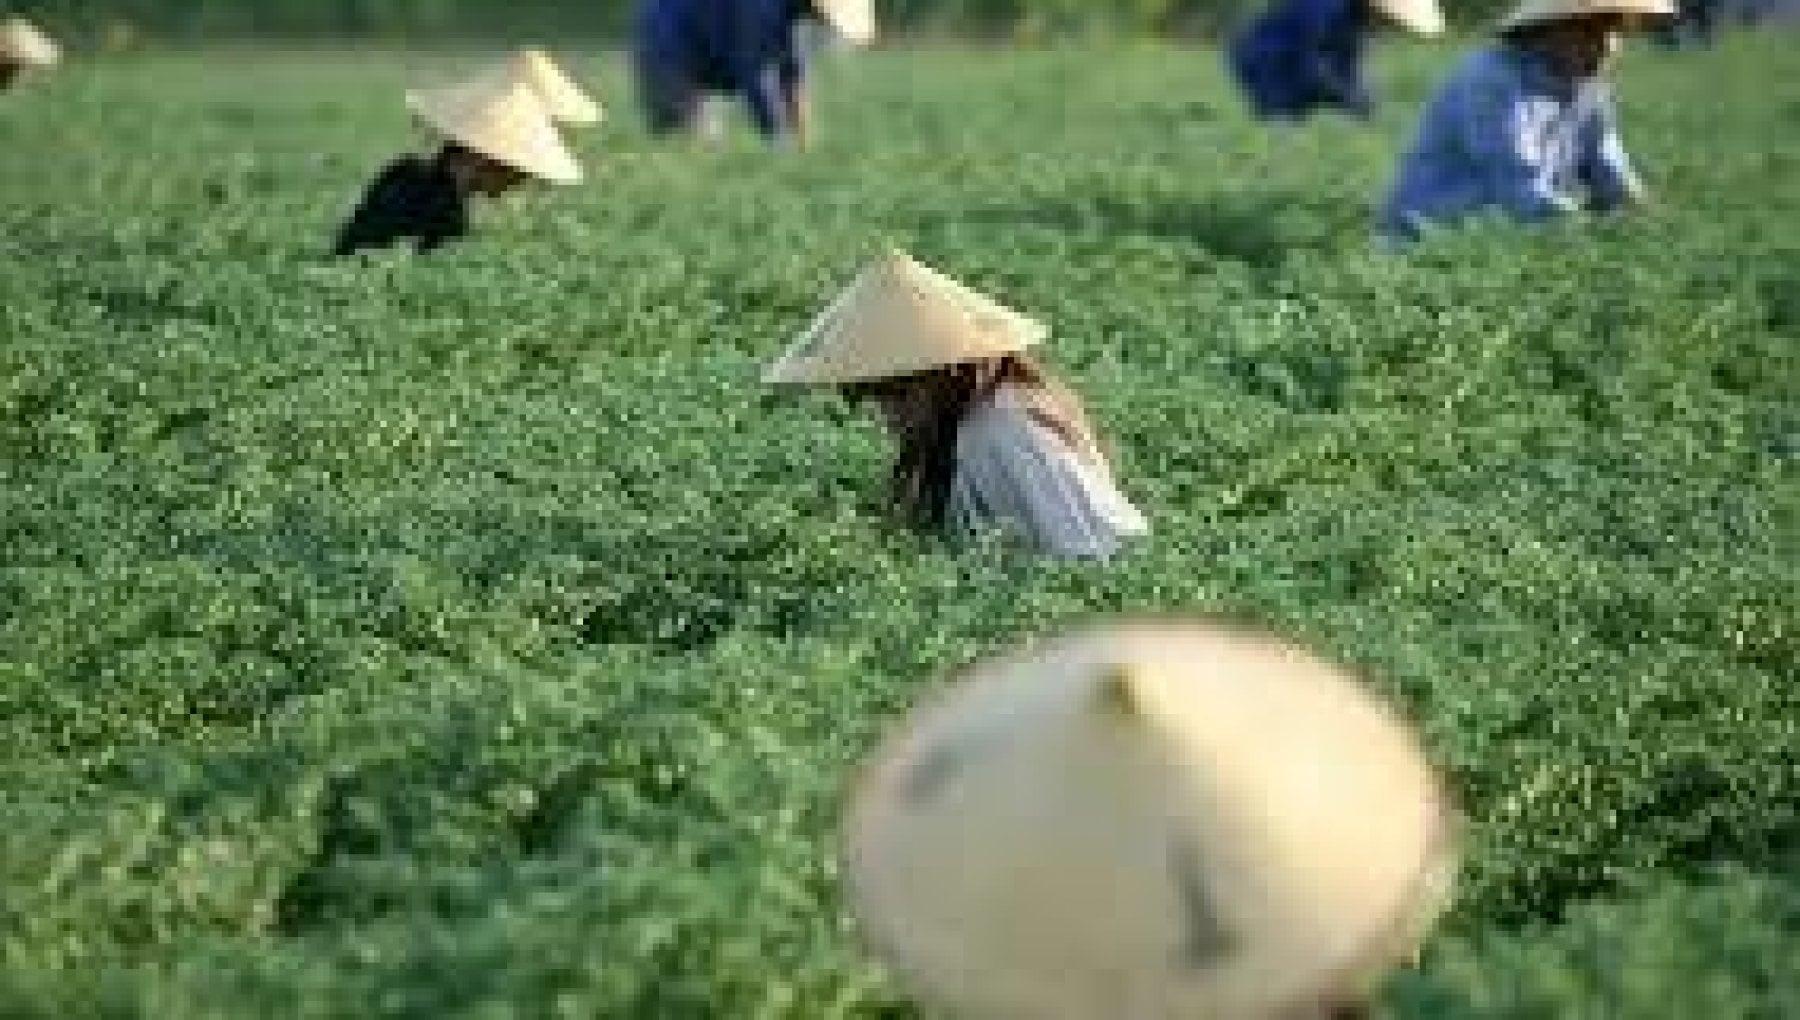 La Cina annuncia la missione compiuta Anche lultima provincia ha sconfitto la poverta